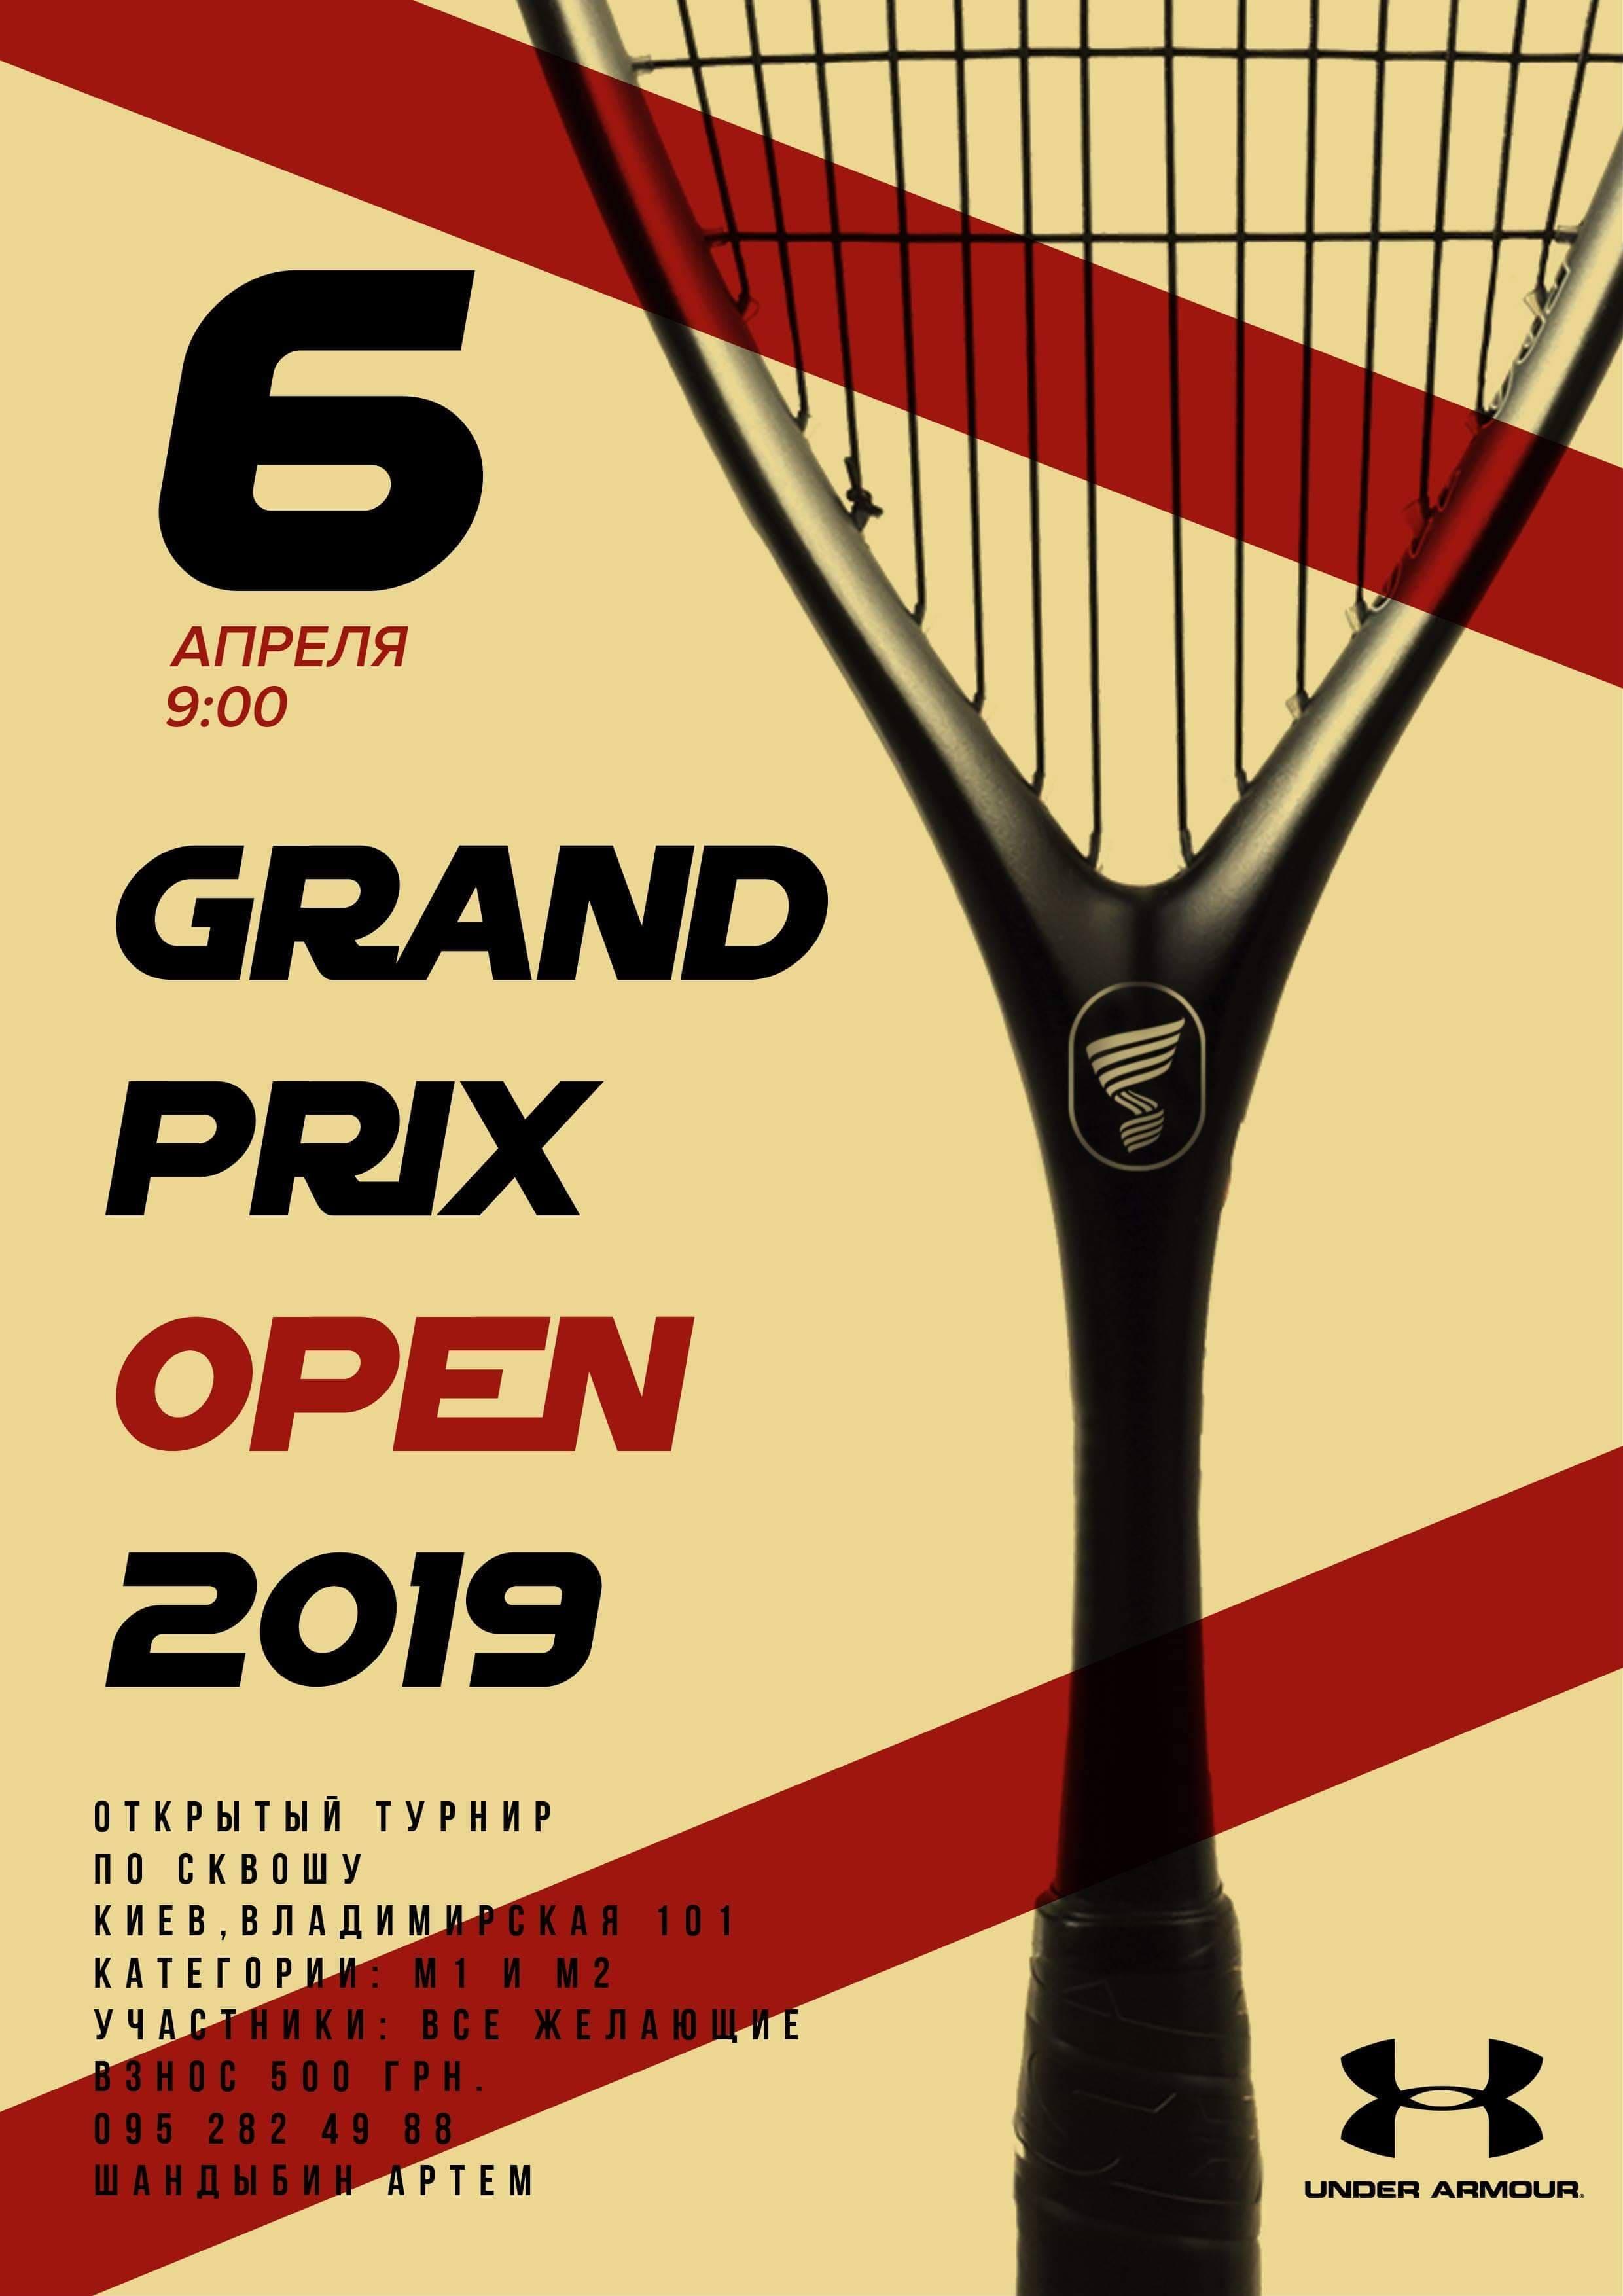 Grand Prix Open 2019